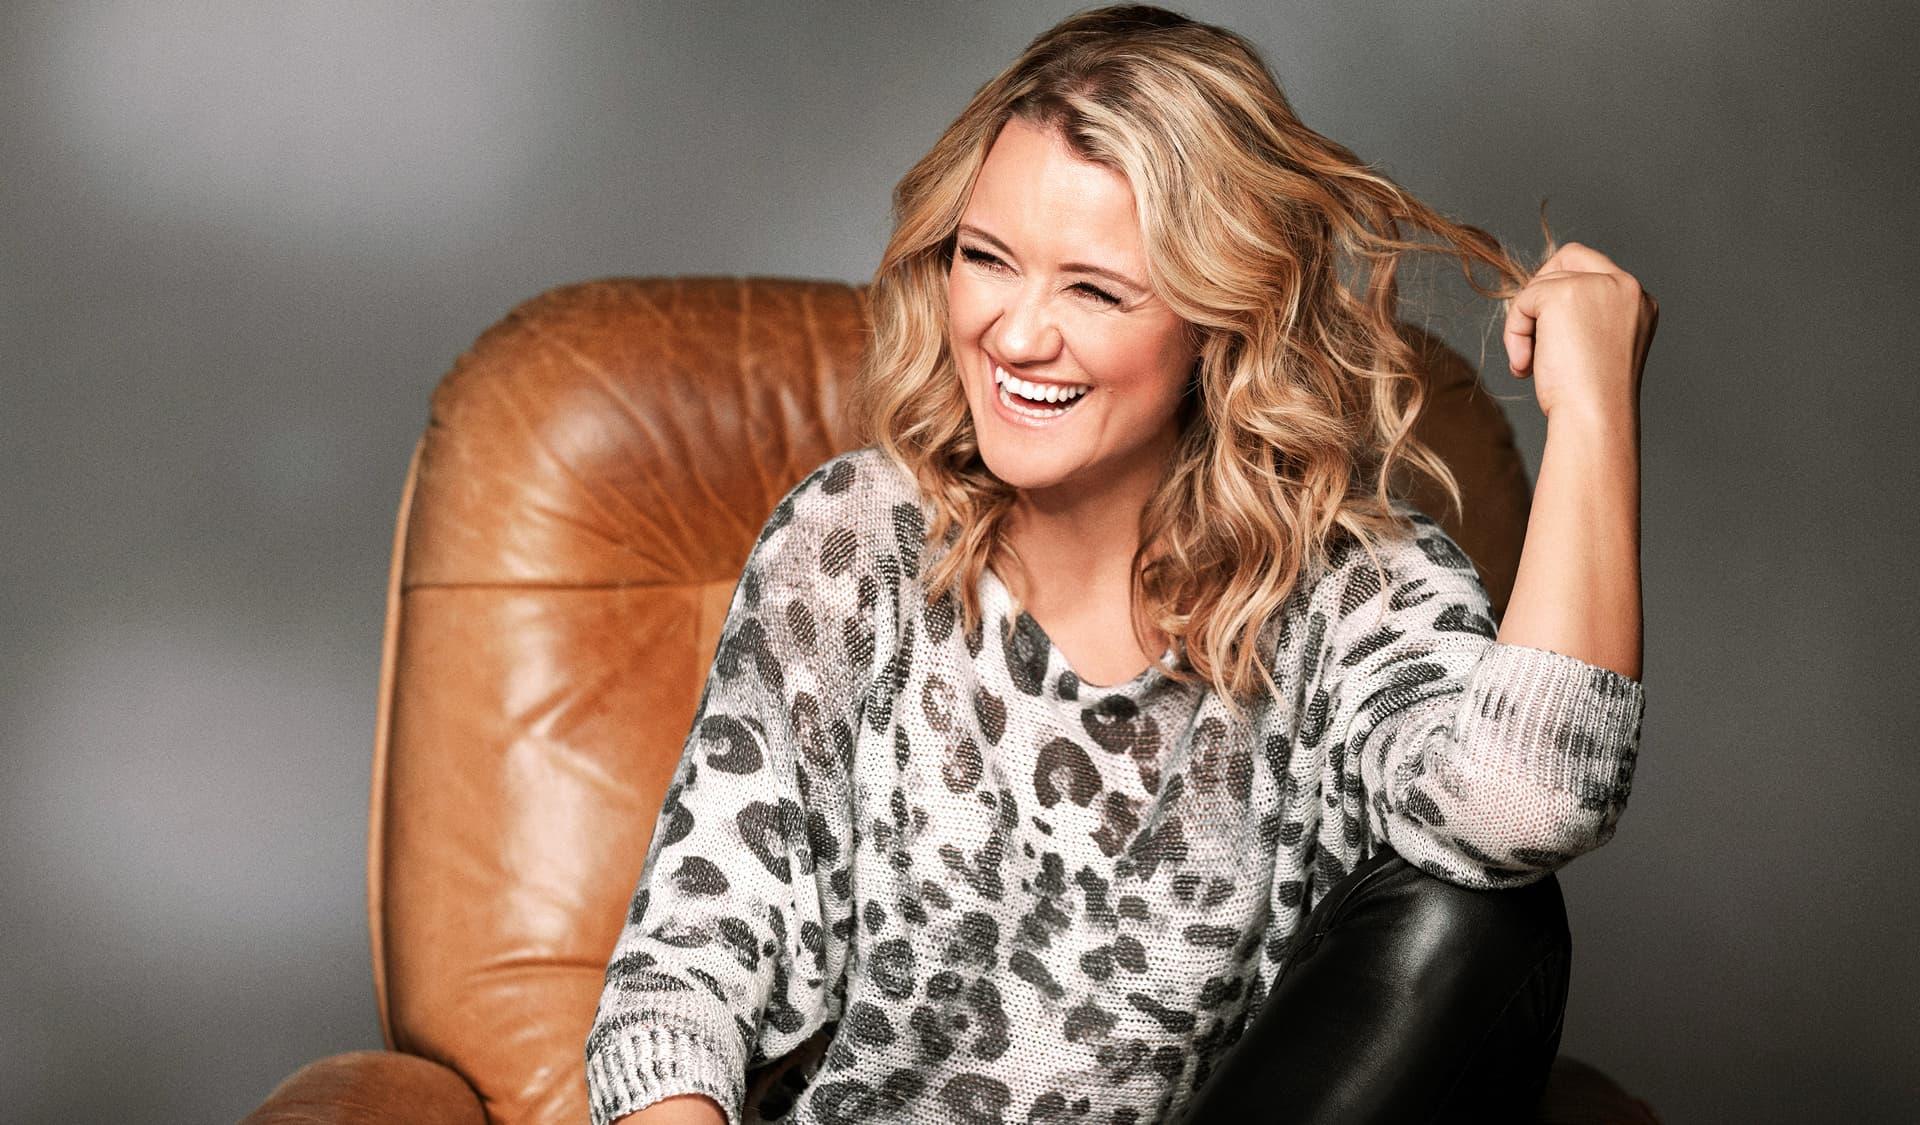 Lisa Feller sitzt lachend auf einem Ledersessel und dreht eine Haarlocke